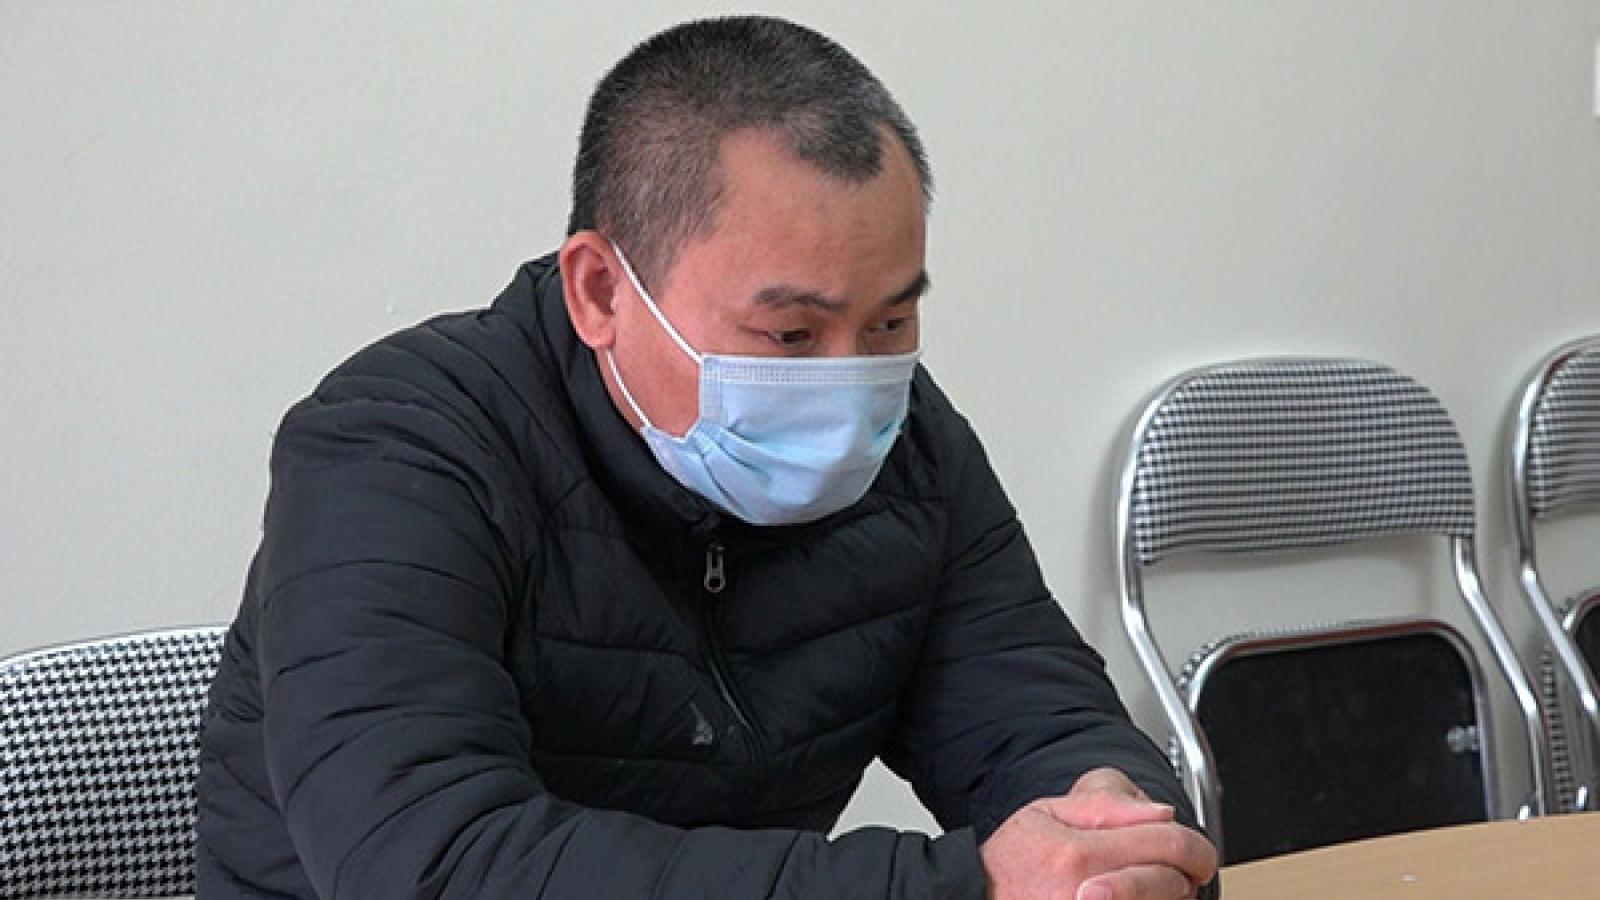 Khởi tố đối tượng tổ chức đưa người Trung Quốc nhập cảnh trái phép